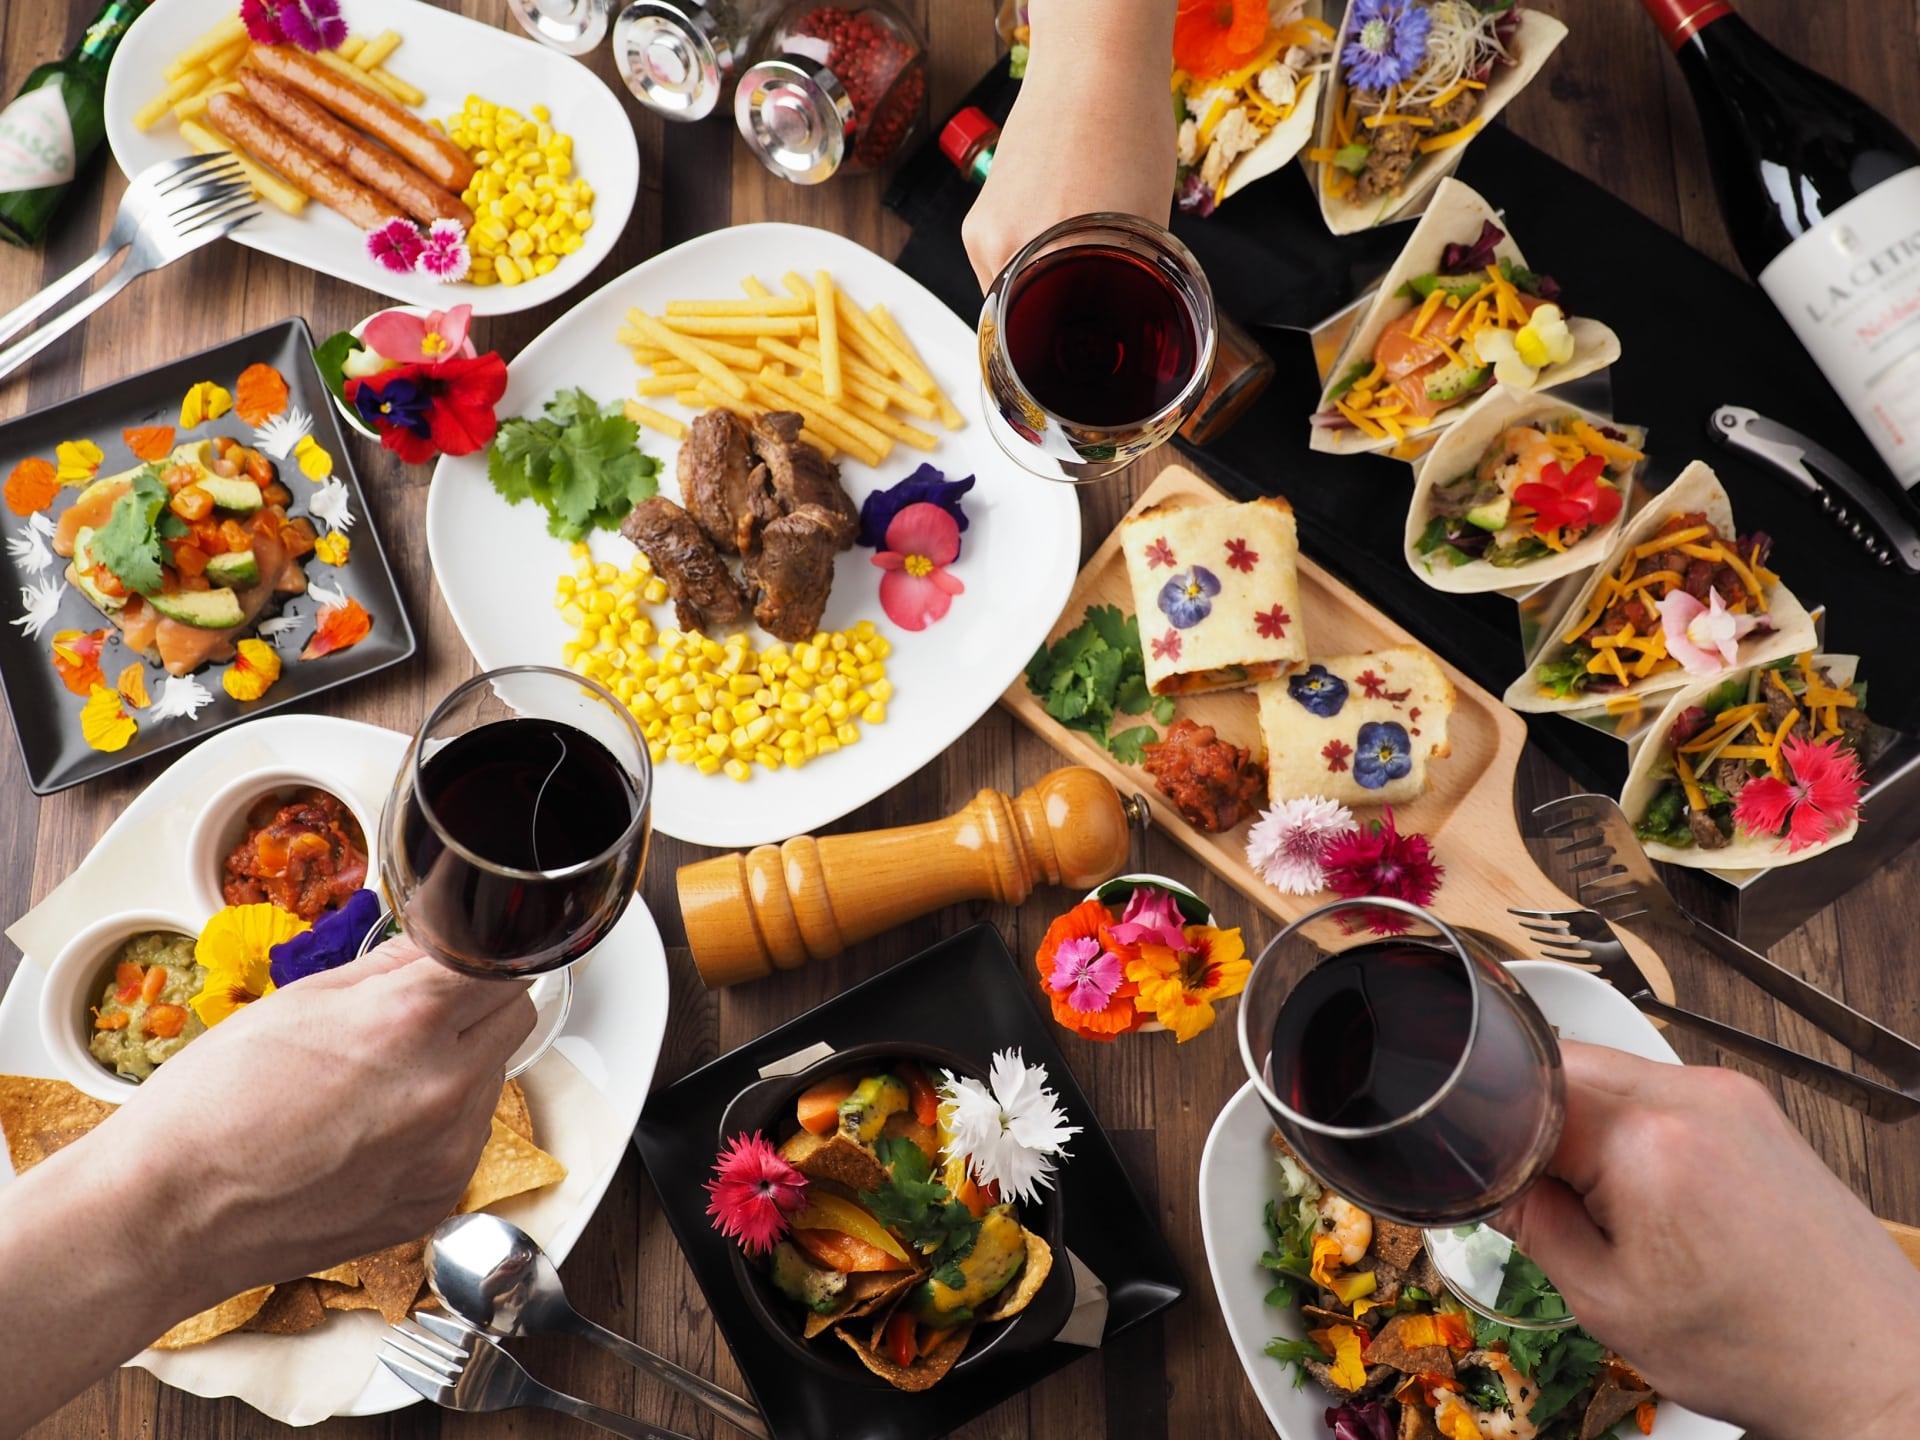 グリーンライフサービスアパートお肉とお酒の夜会